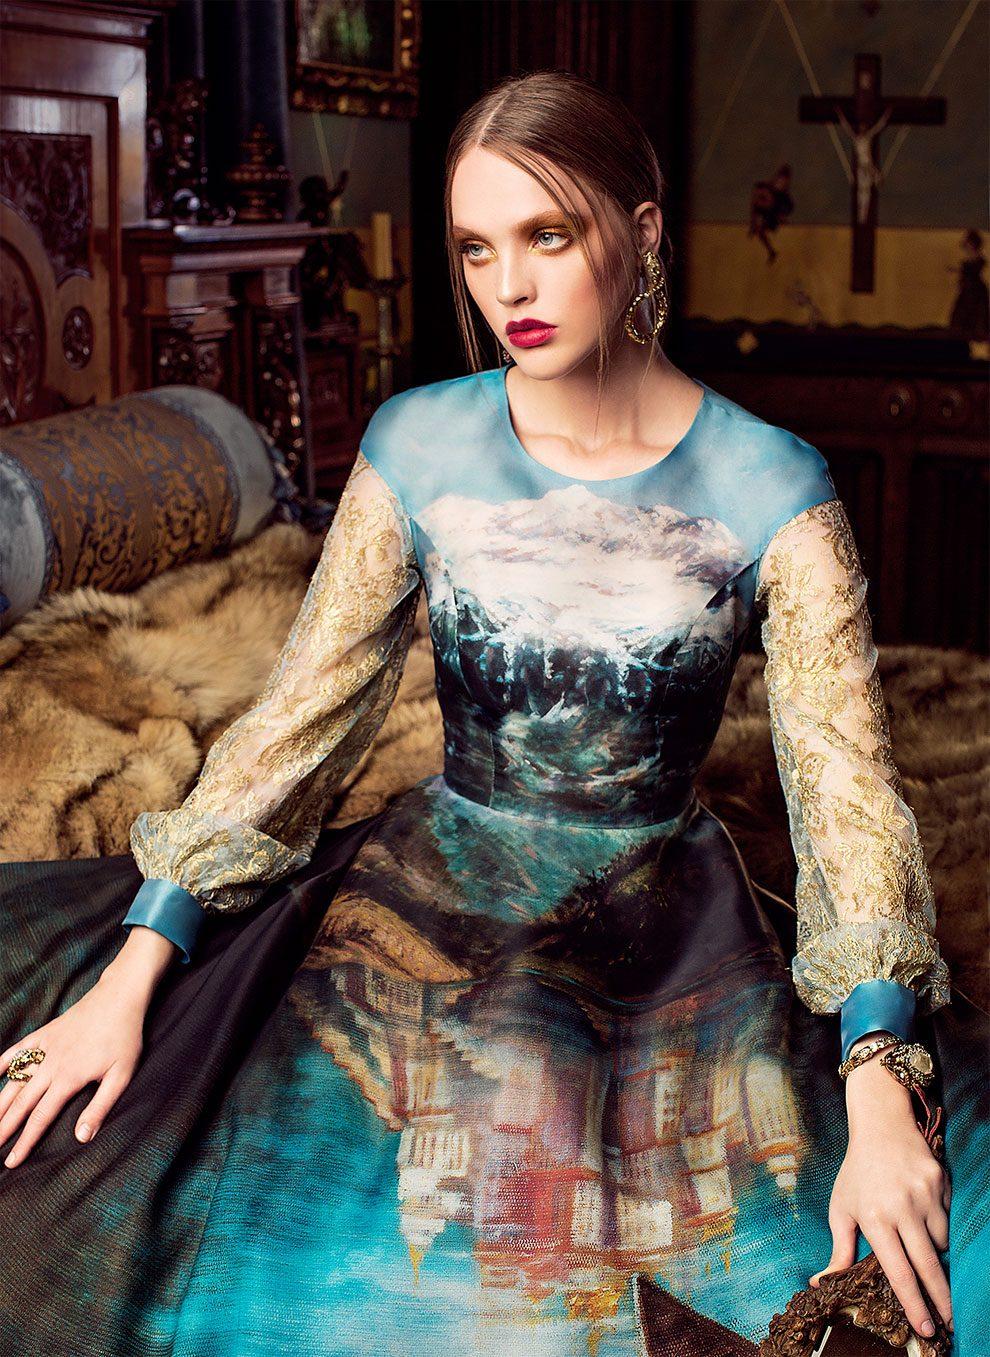 foto-moda-abiti-eleganti-marina-danilova-07